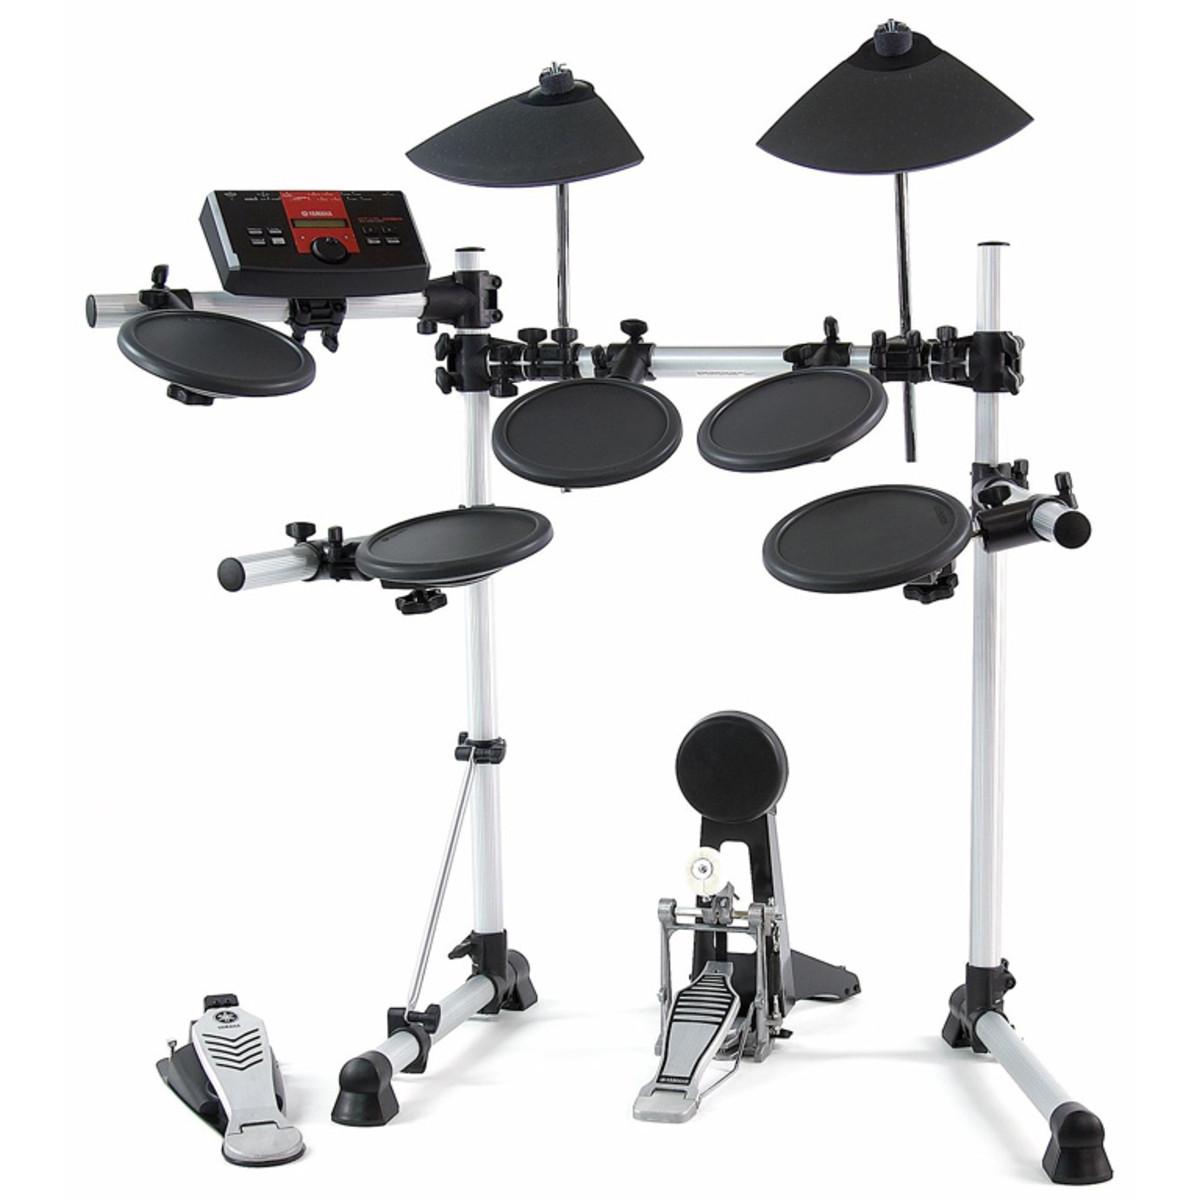 Yamaha dtxplorer electronic drum kit used at for Yamaha dtx pad set